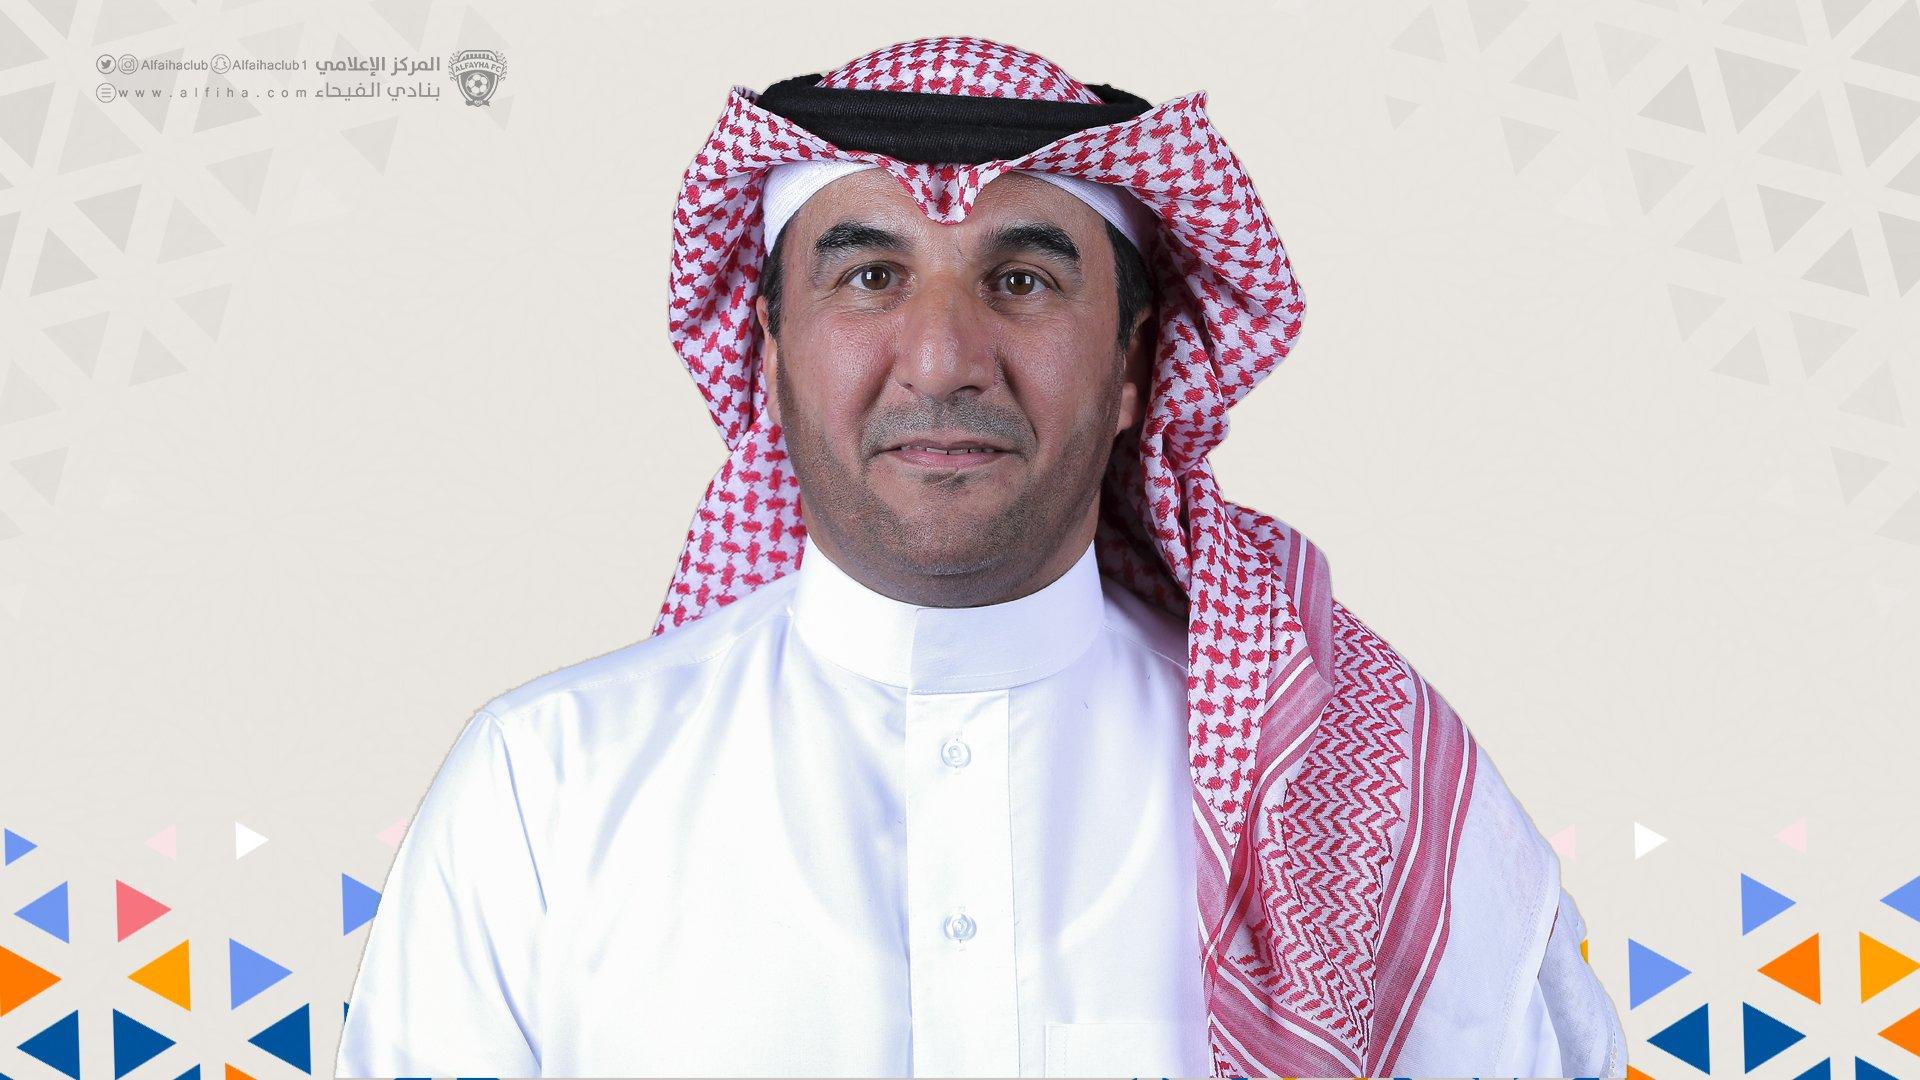 الأستاذ عبدالعزيز الربيعة